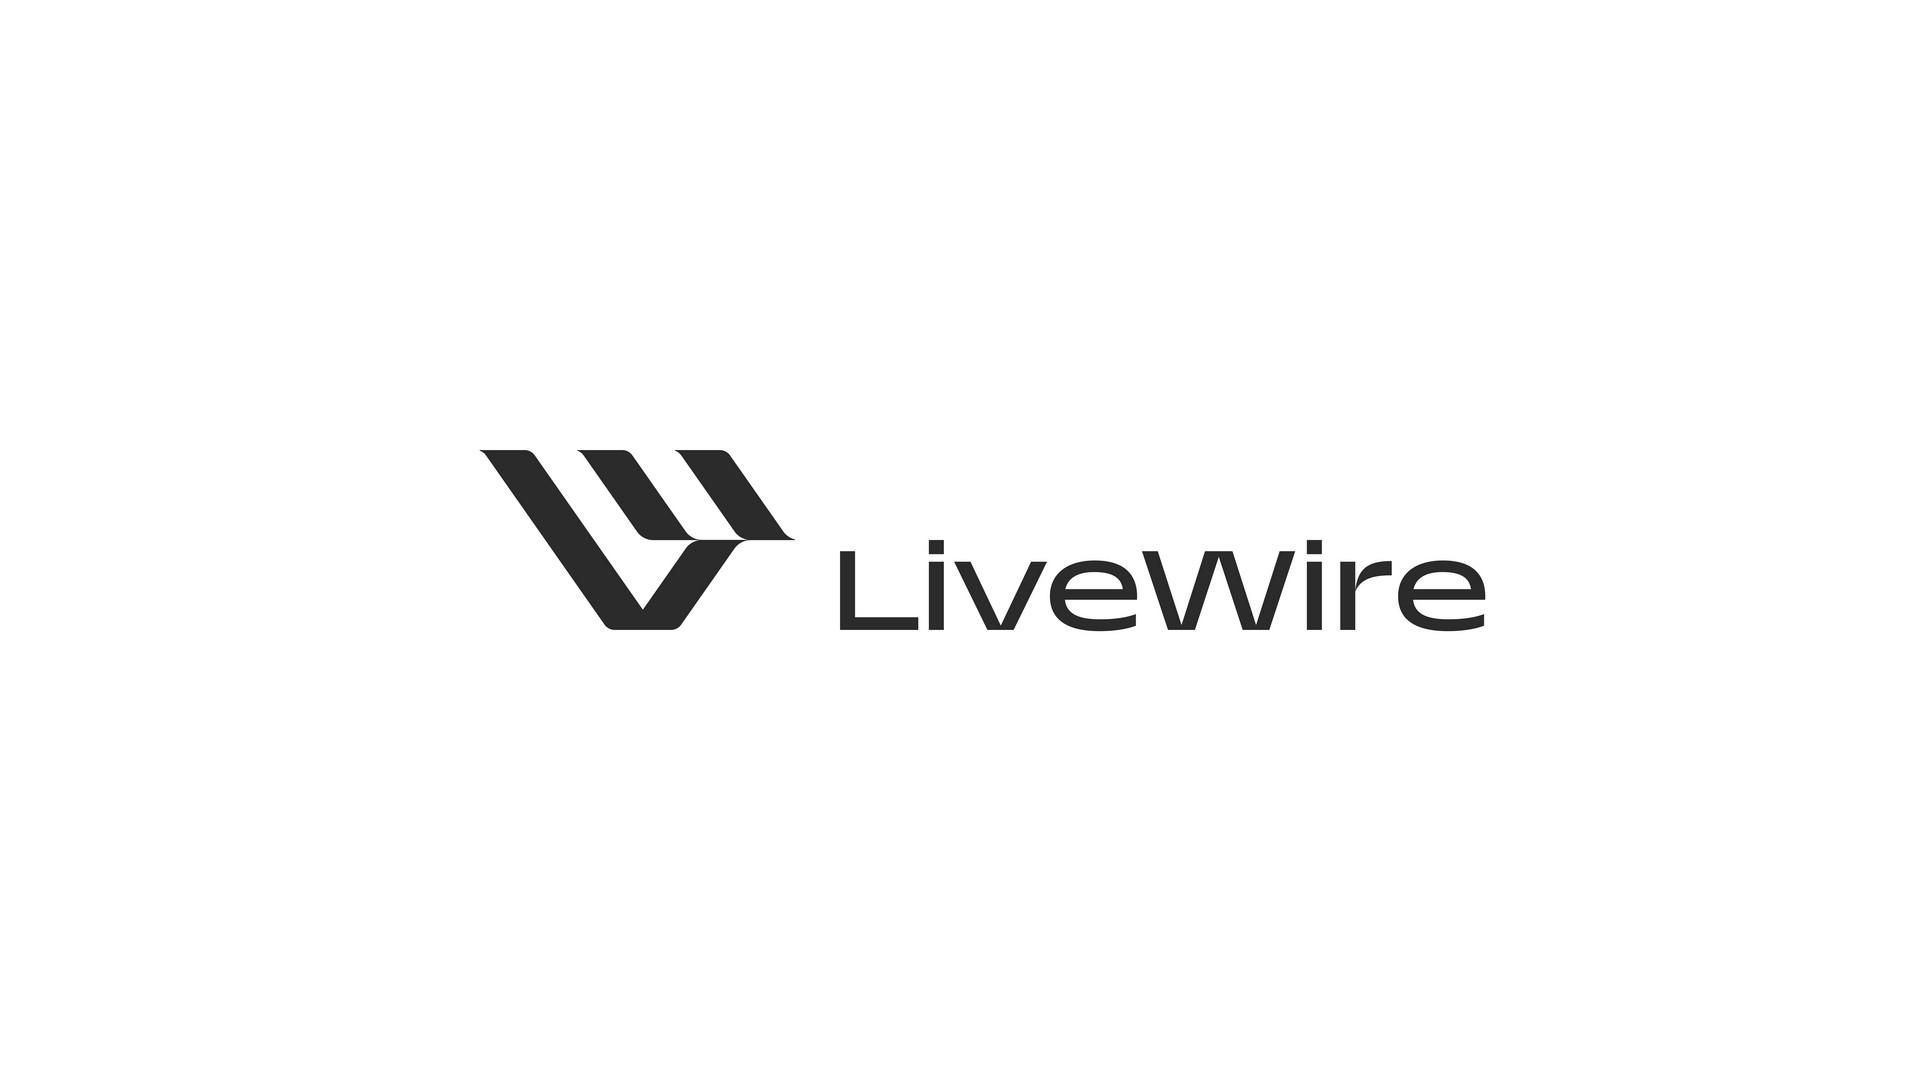 Harley-Davidson создаст отдельный суббренд LiveWire для электрических мотоциклов